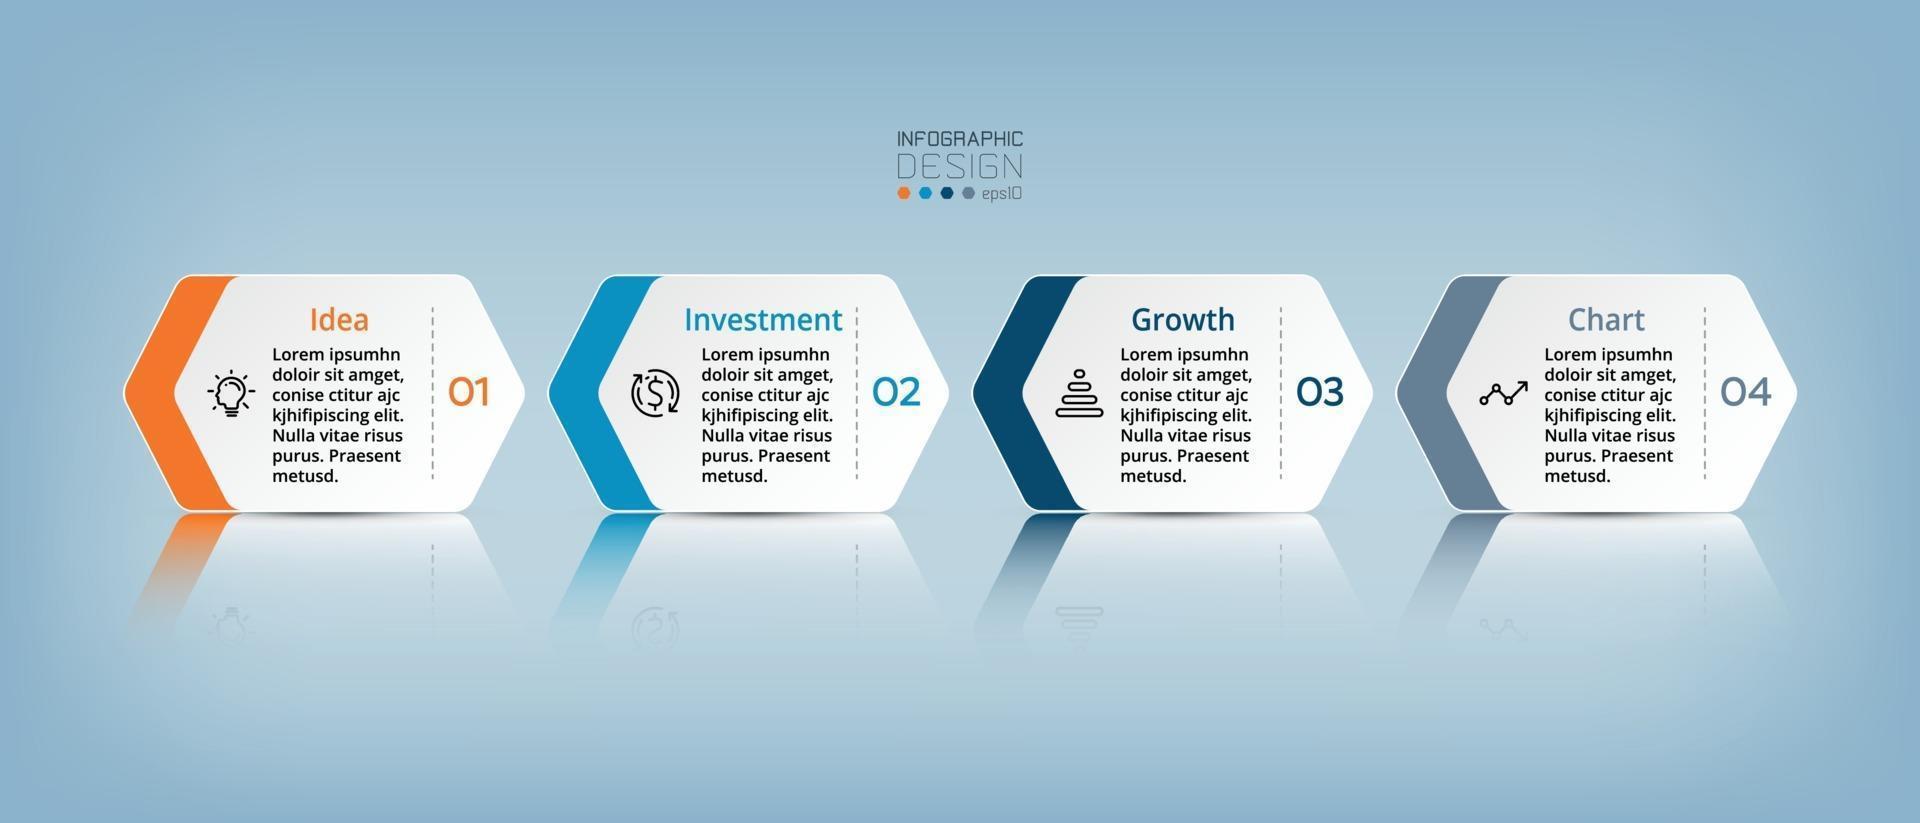 le quattro fasi dell'esagono possono essere applicate a affari, investimenti, marketing, istruzione, presentazioni e pianificazione. vettore infografica